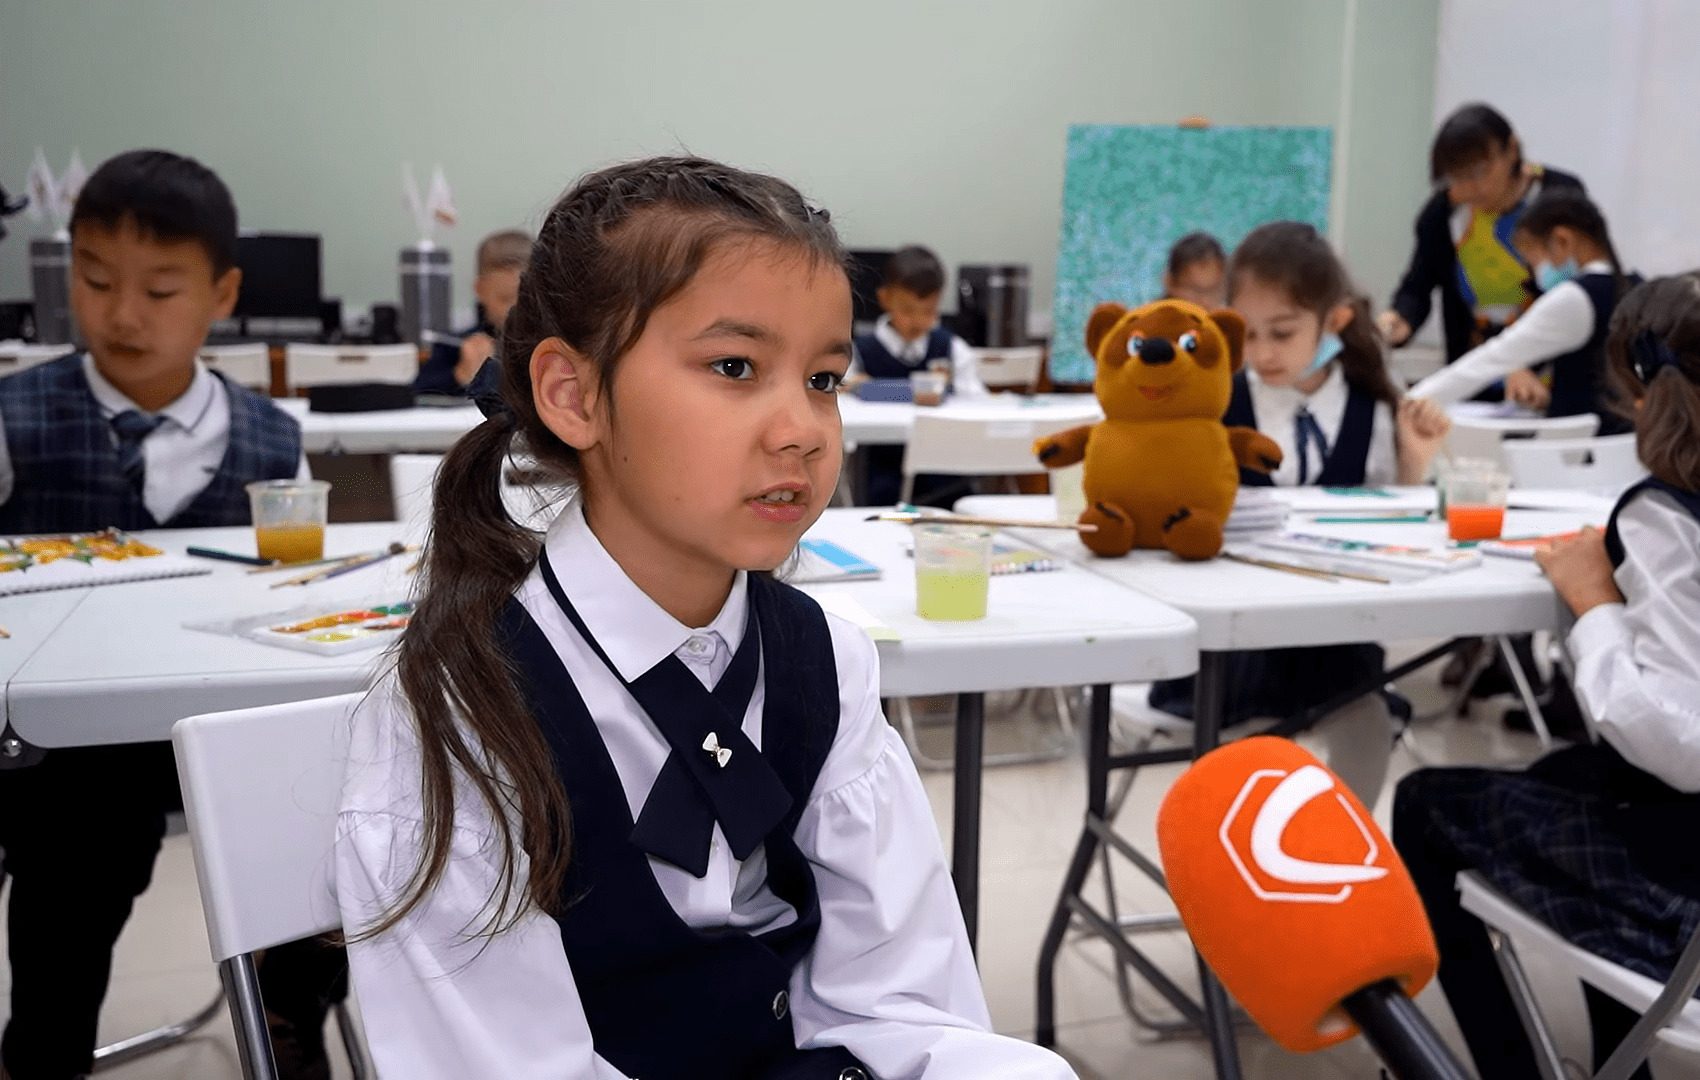 Образовательная экспедиция СОТ в Республику Бурятия: интервью с ученицей лингвистической гимназии №3